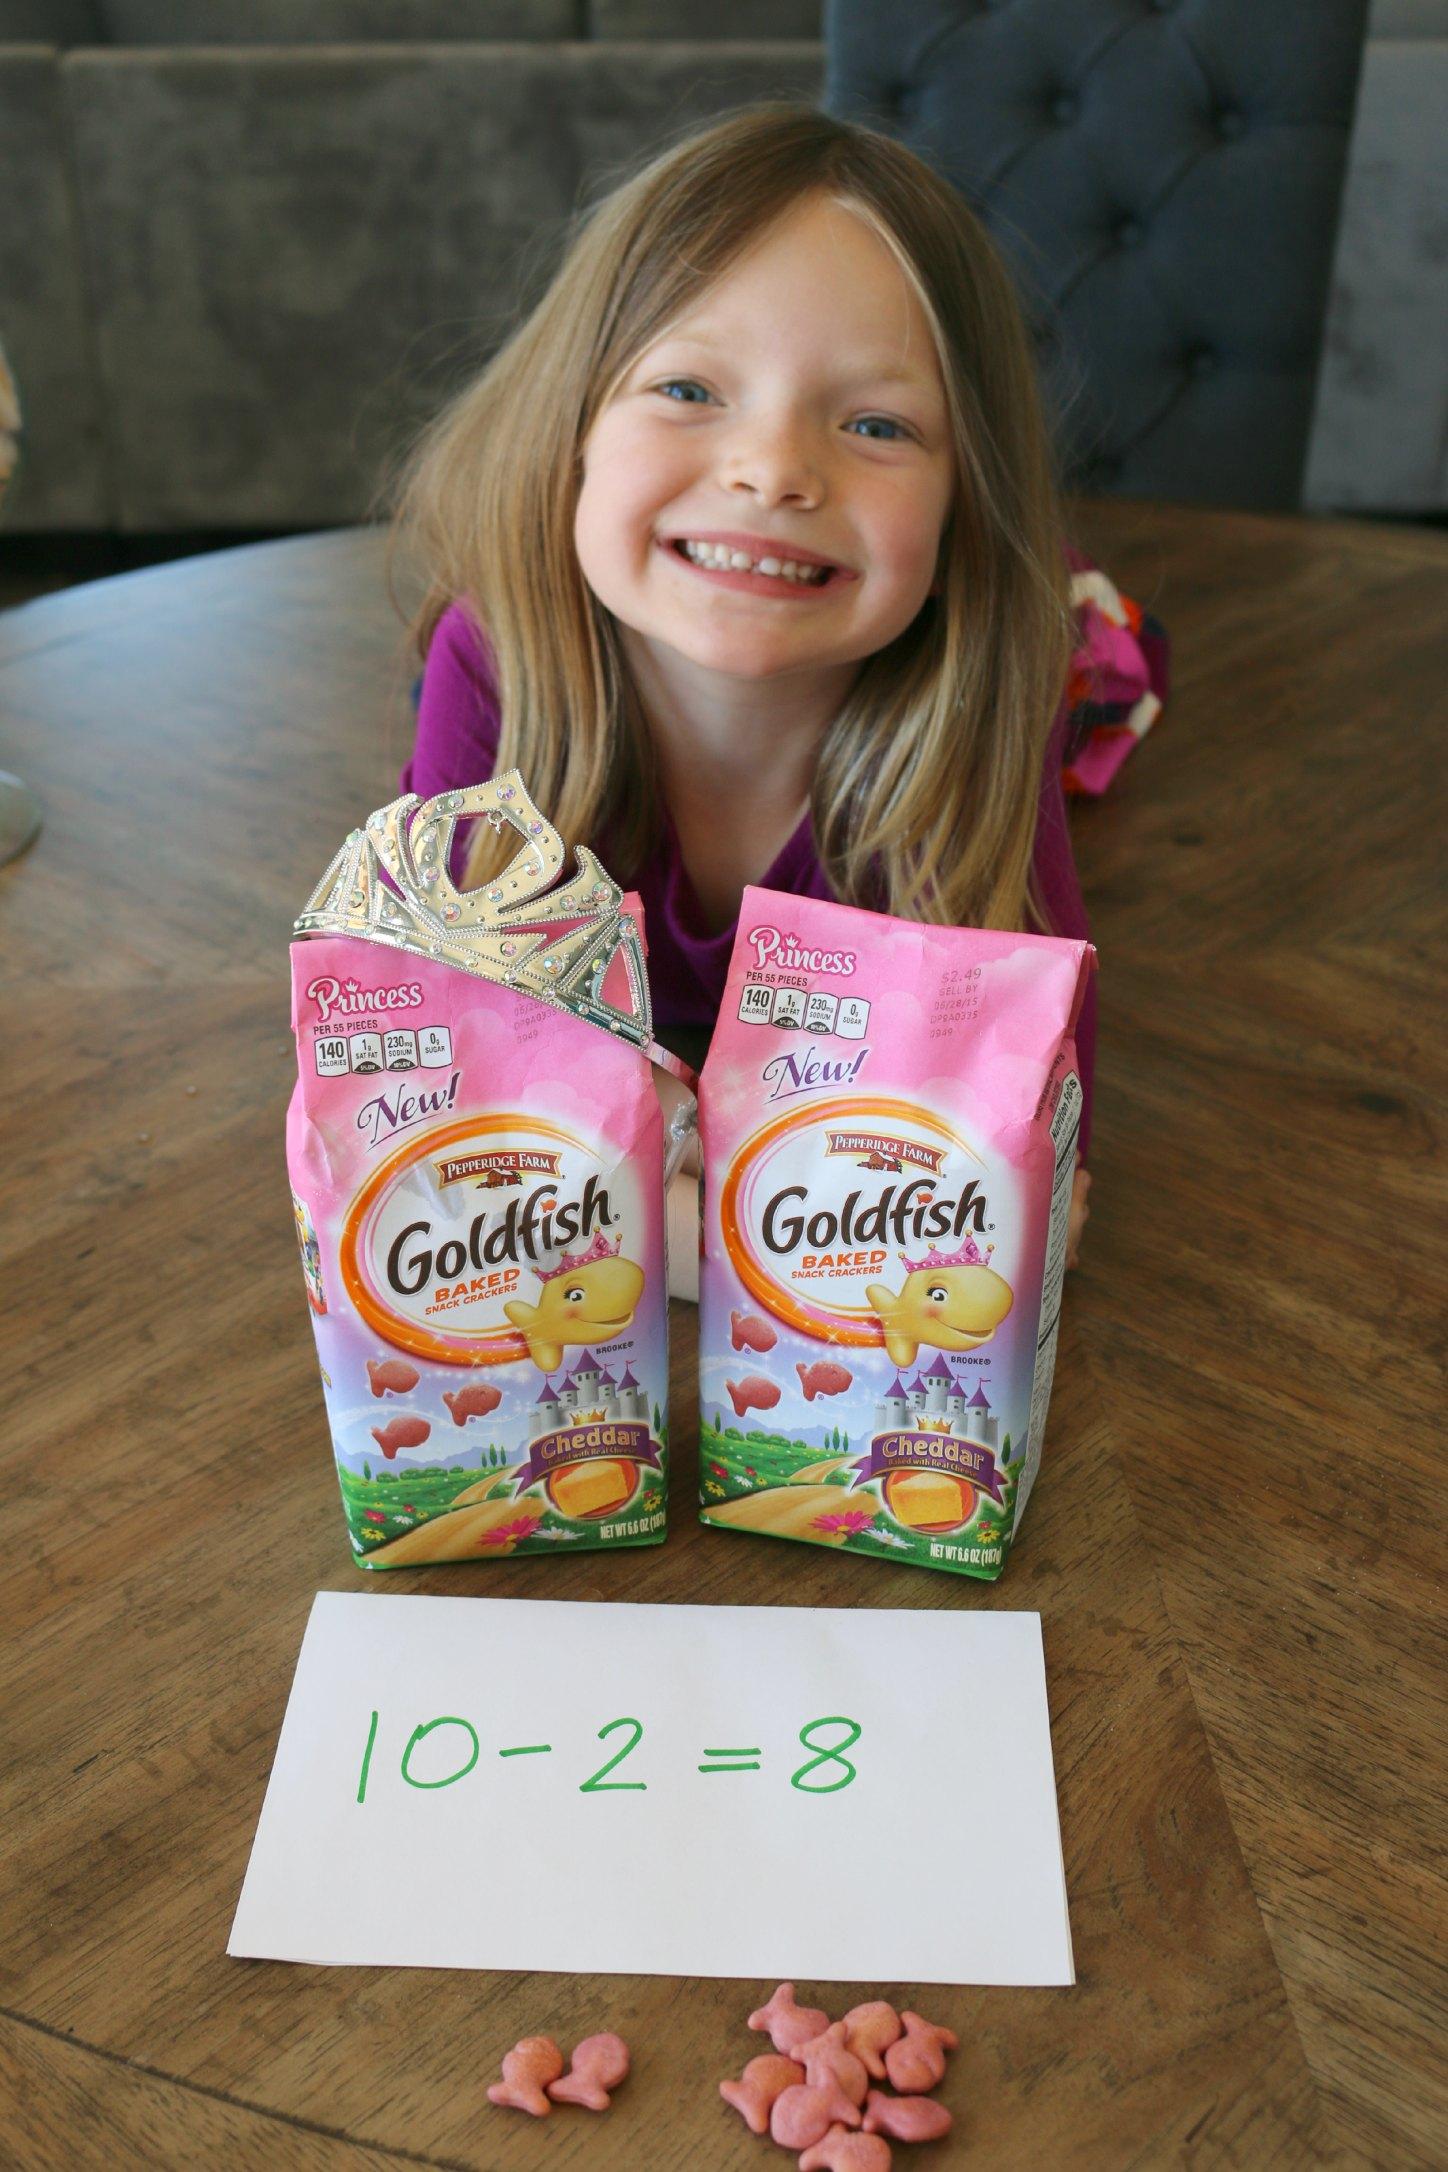 princess goldfish #GoldfishTales